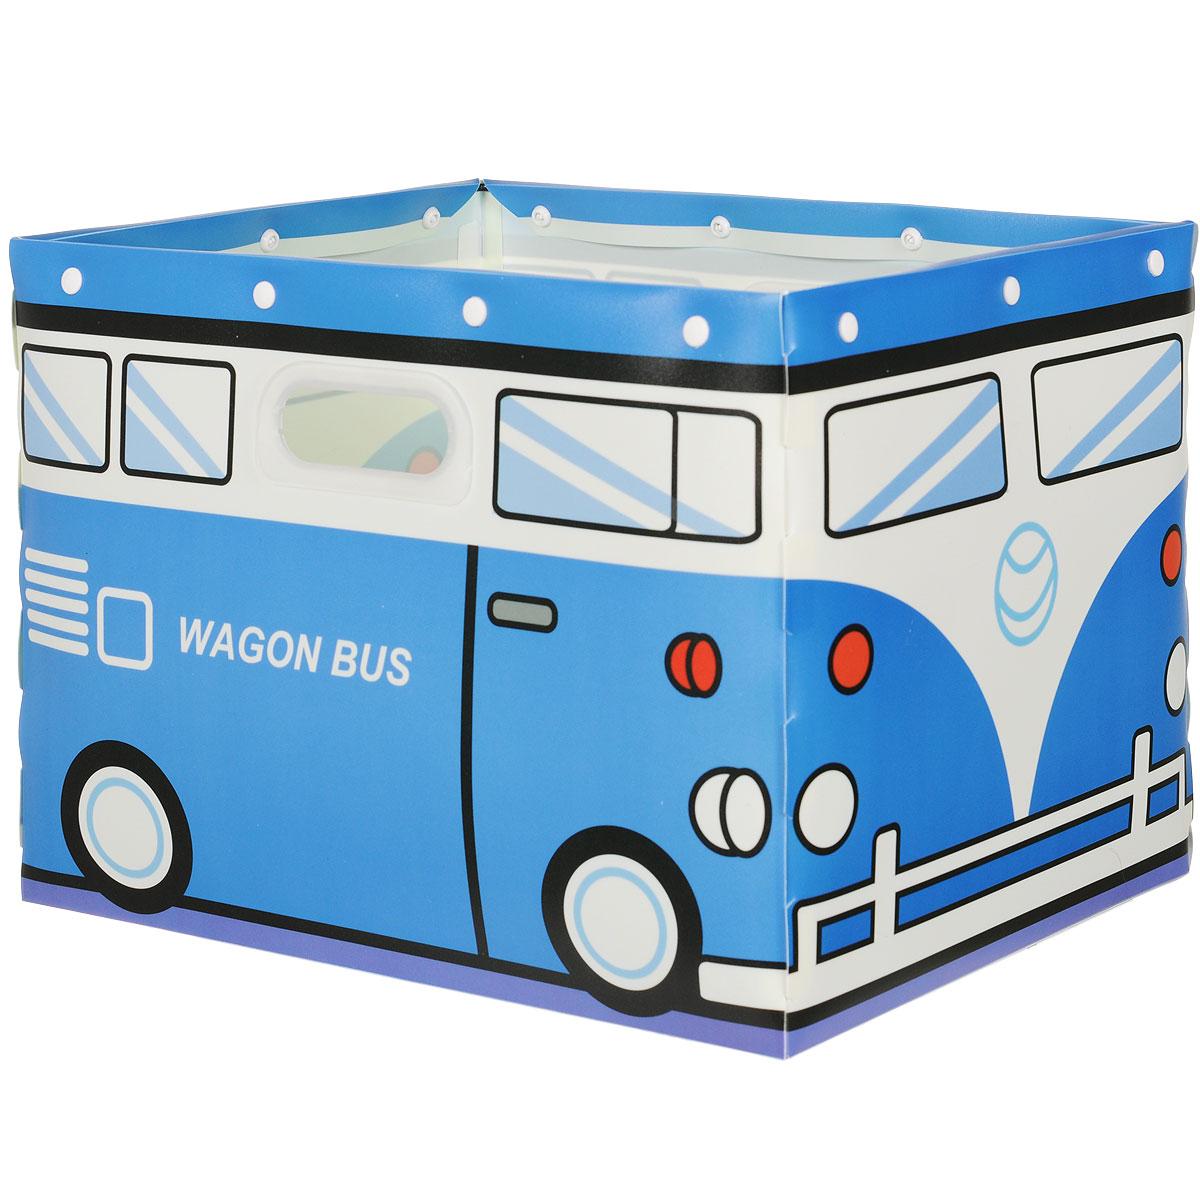 Коробка для хранения House & Holder, цвет: синий, 38 см х 30 см х 27 смDB-59Коробка для хранения House & Holder изготовлена из пластика и металла. Благодаряспециальным вставкам, коробка прекрасно держит форму. Стильный дизайн коробкихорошовпишется в интерьер детской комнаты. Внутренняя емкость позволяет хранить внутриразличныевещи и мелкие аксессуары. При необходимости легко складывается в плоскую, компактную форму. Коробка оснащена удобными ручками-отверстиями для переноски. Коробка House & Holder - идеальное решение для аккуратного хранения вещей иаксессуаров.